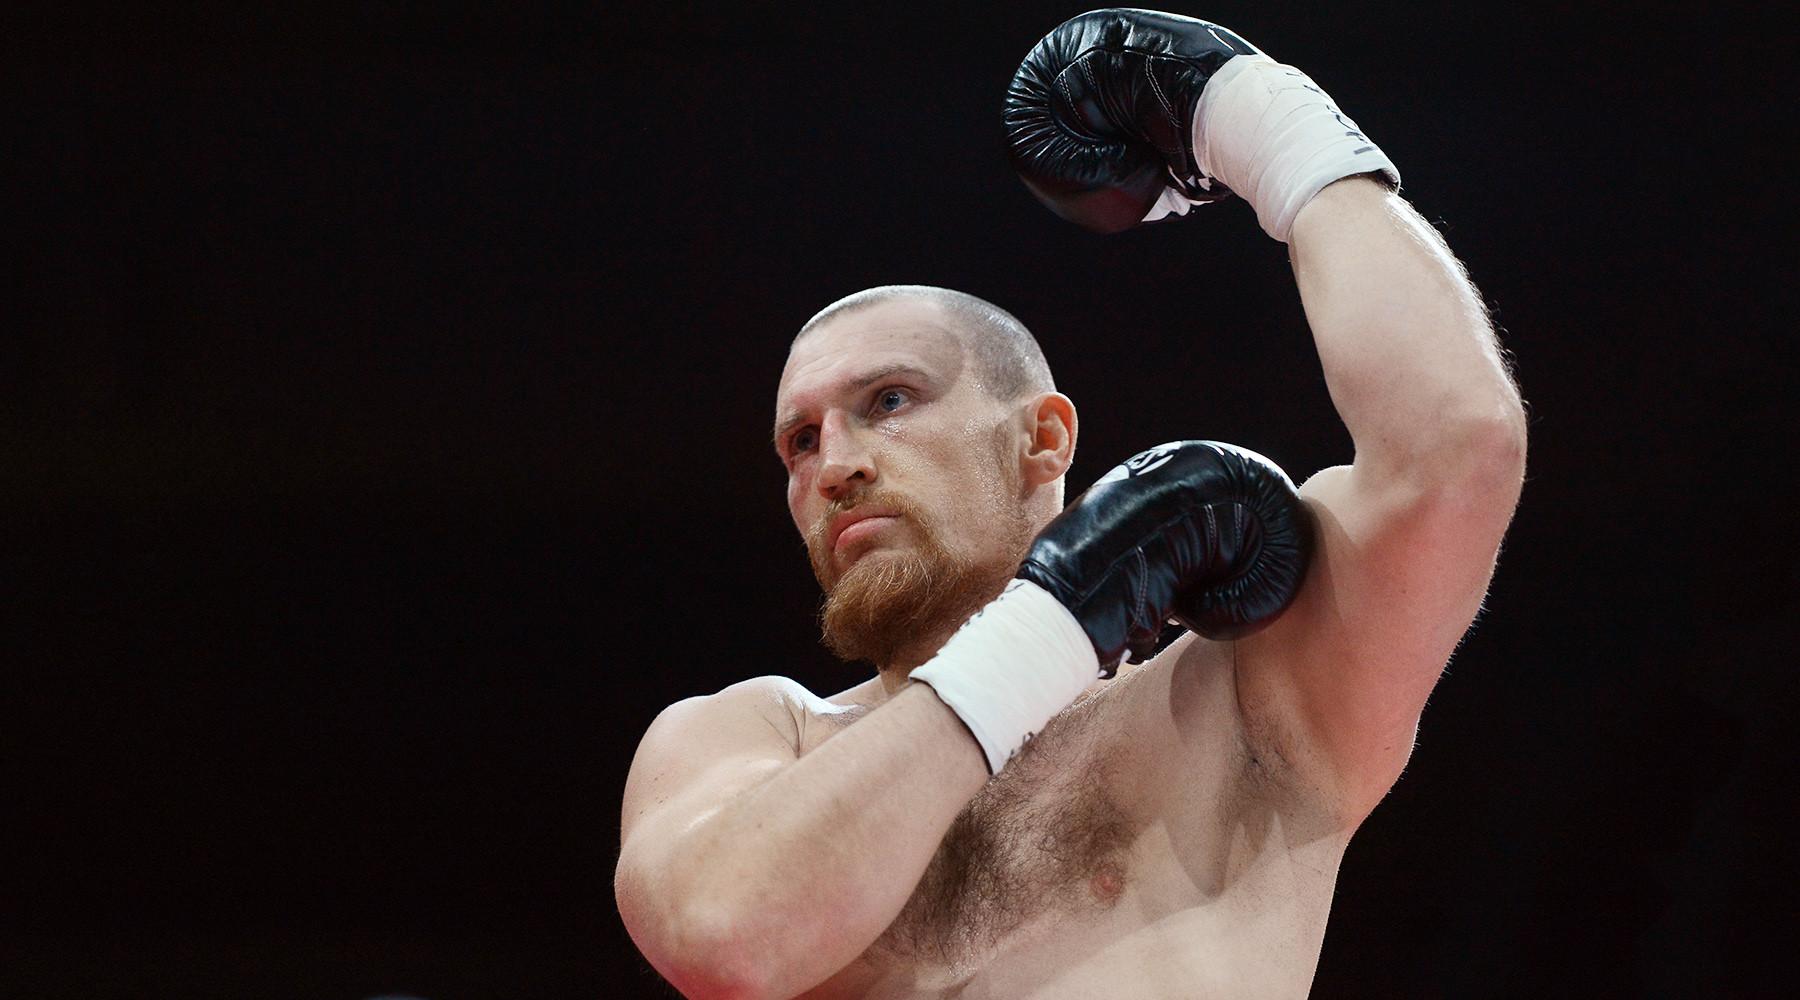 Кудряшов проиграл нокаутом в первом поединке Всемирной боксёрской суперсерии